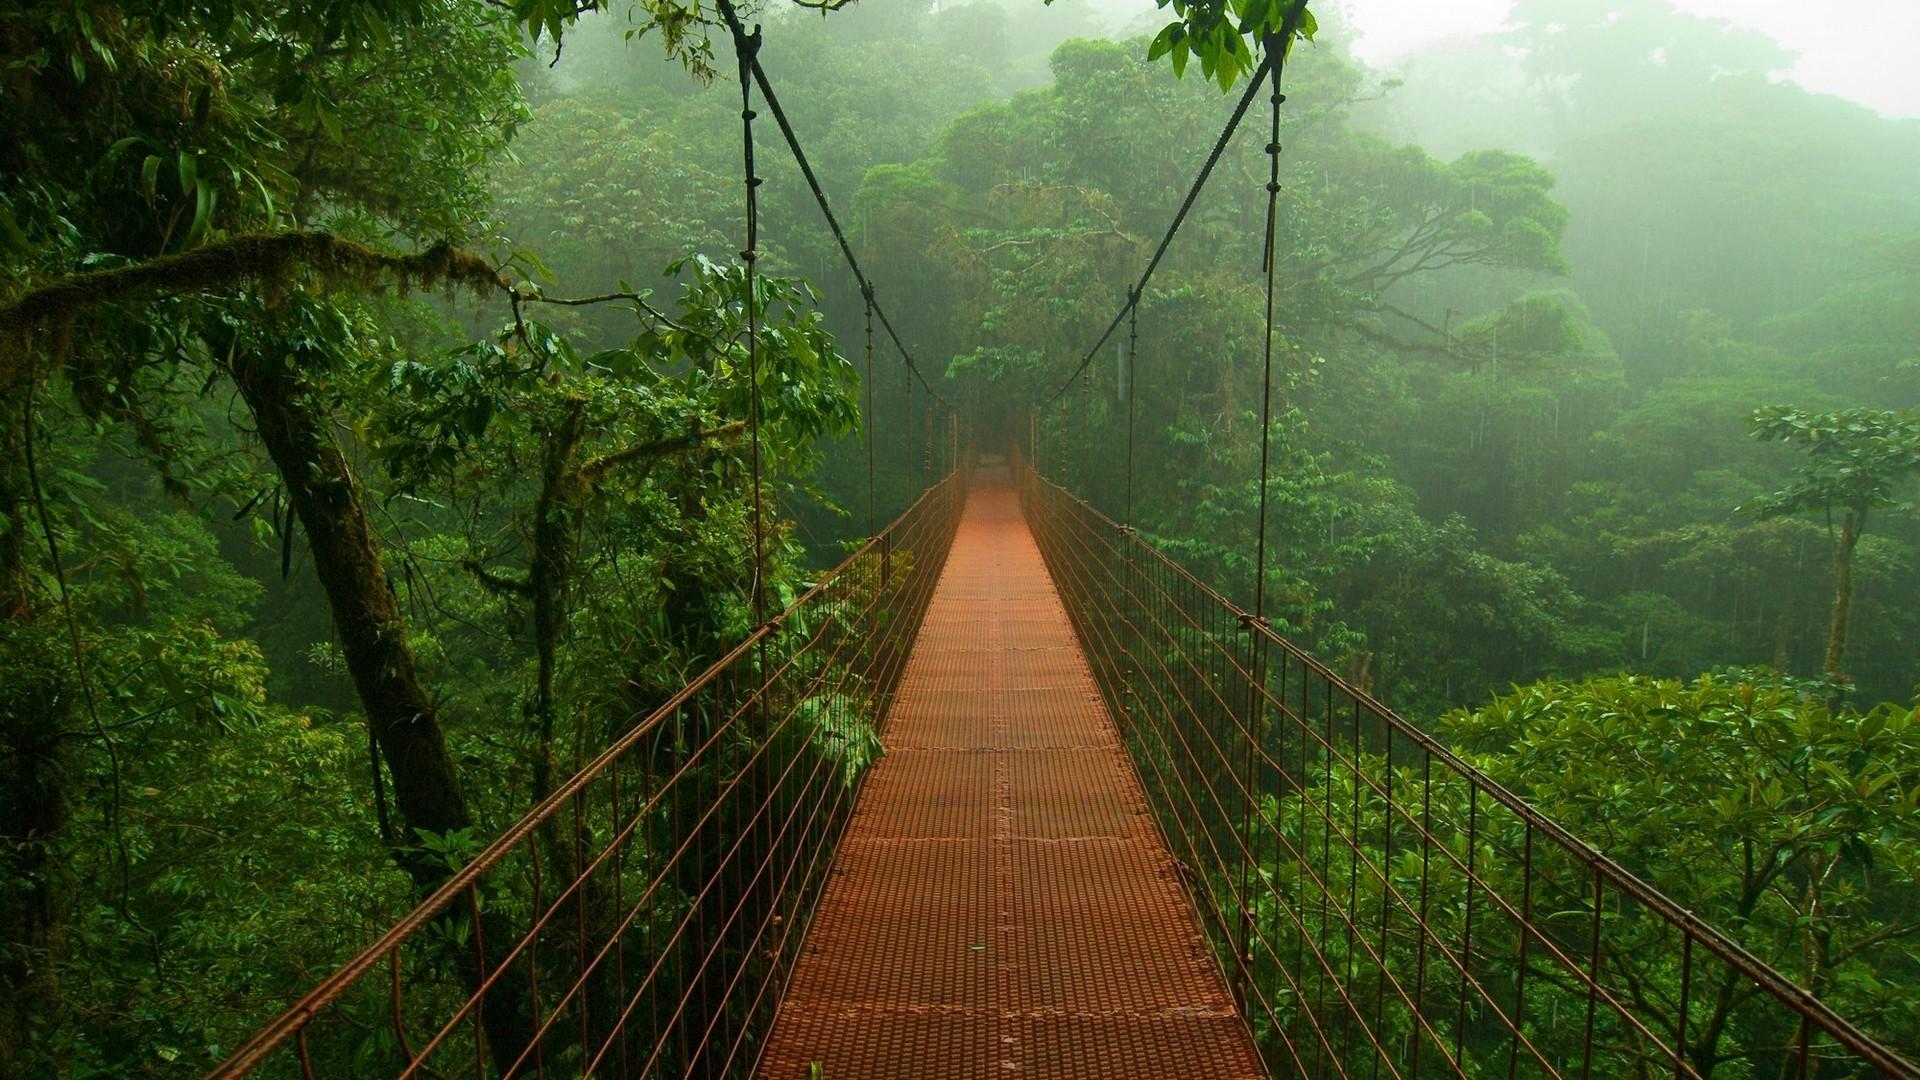 809178-rainforest-wallpaper-1920x1080-screen.jpg